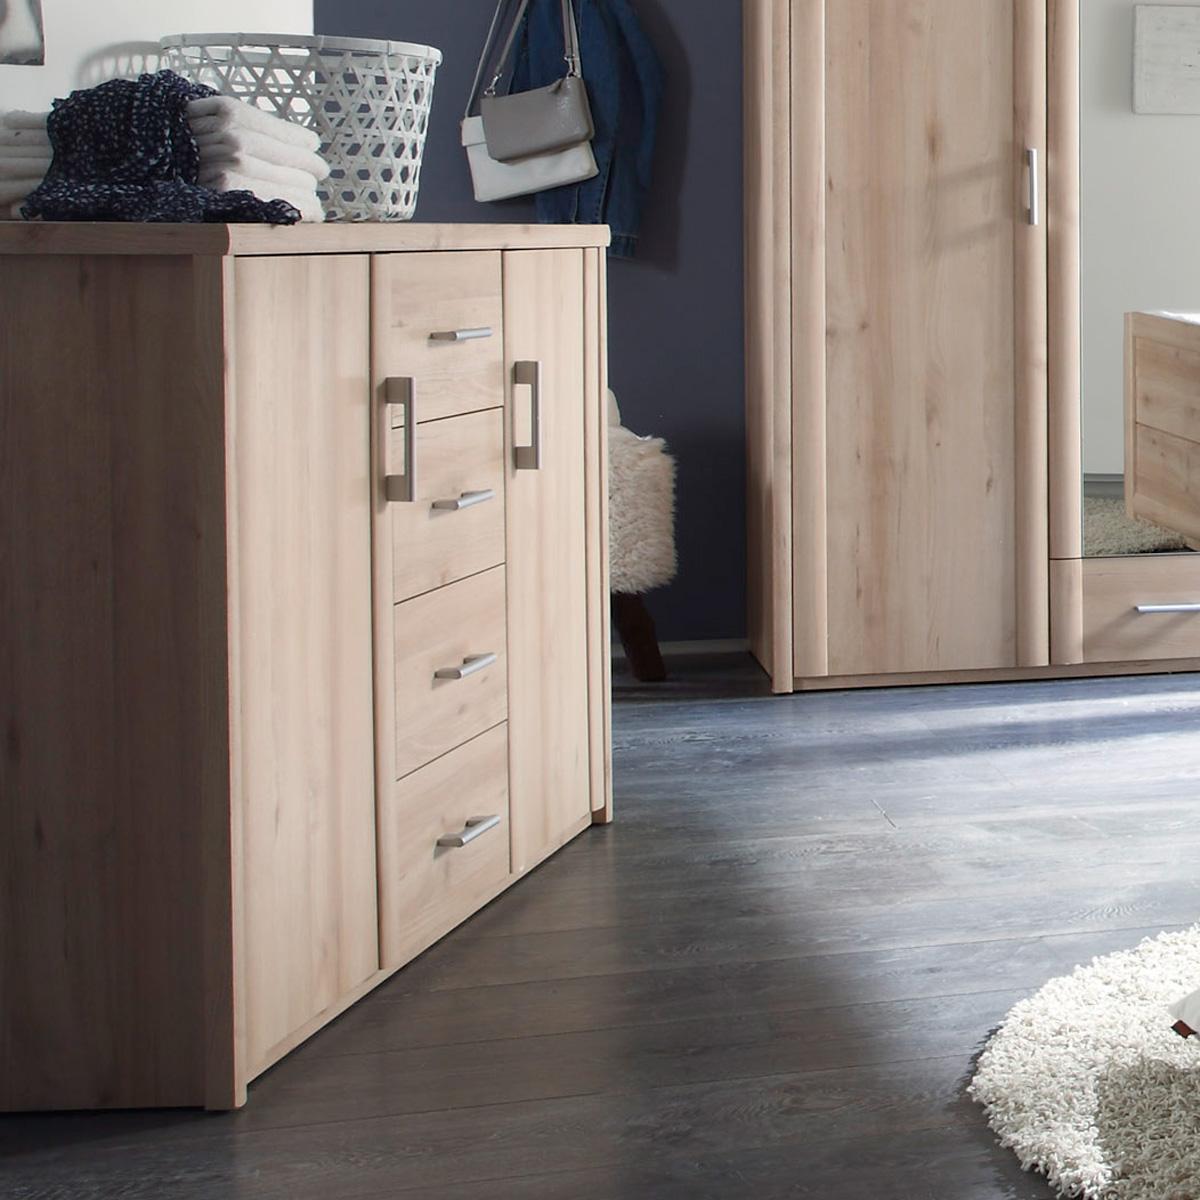 kommode classic schlafzimmer schrank 2 tuerig in buche dekor. Black Bedroom Furniture Sets. Home Design Ideas